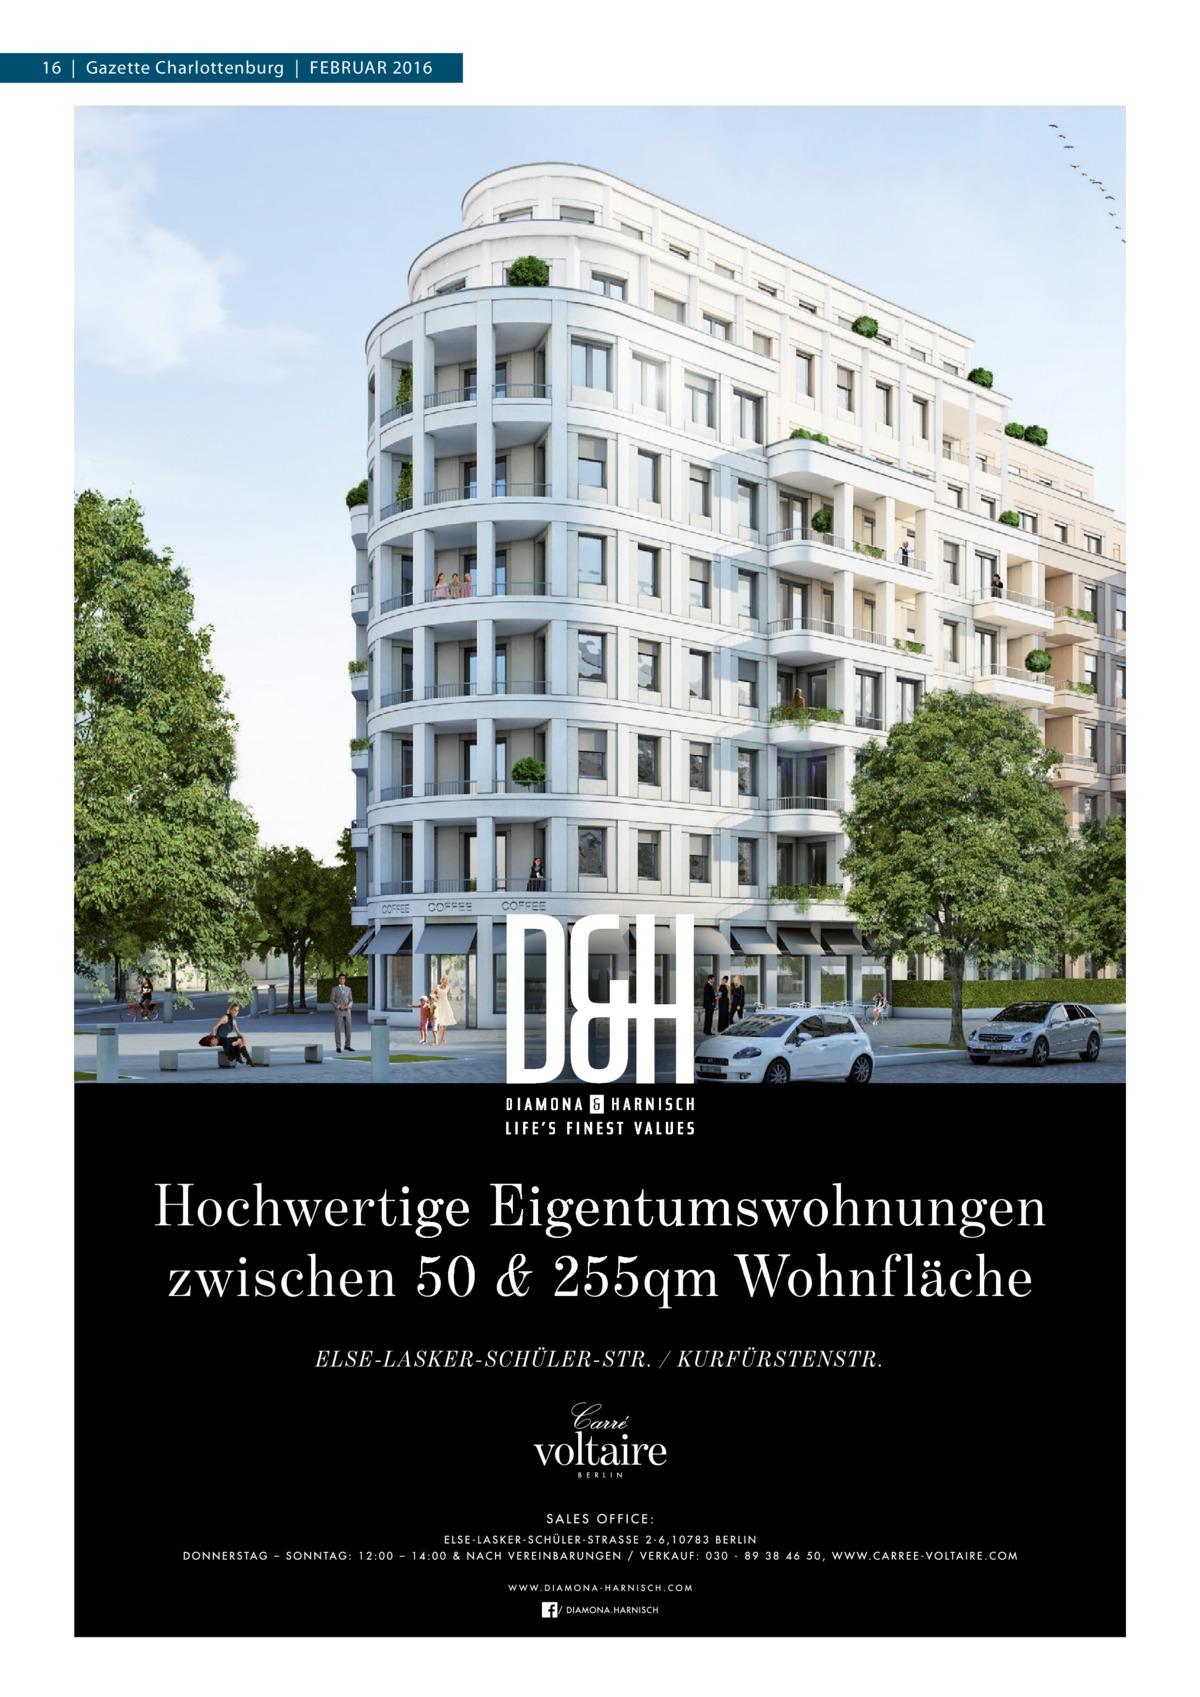 16 Gazette Charlottenburg Februar 2016